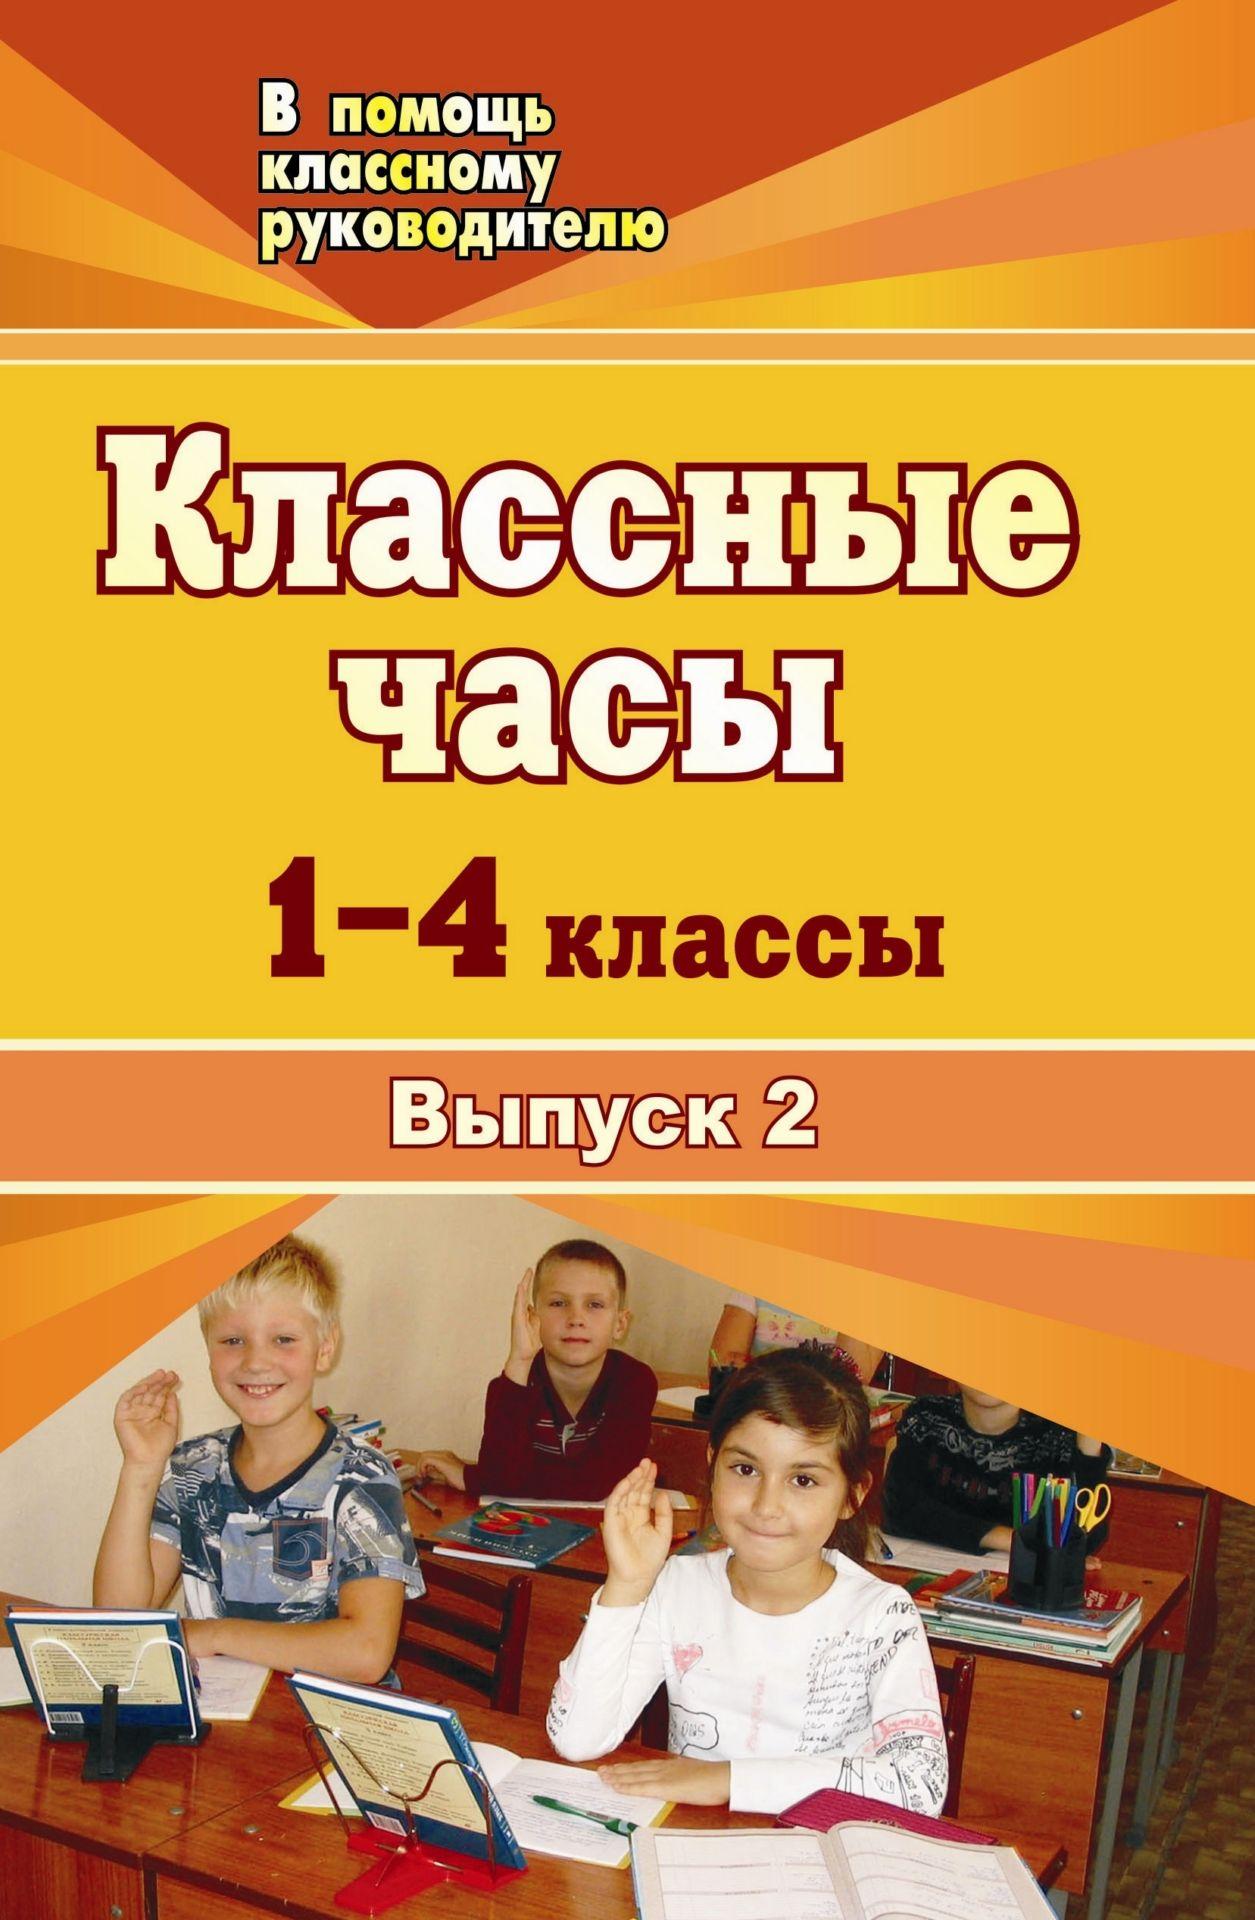 Классные часы. 1-4 классы. - Вып. 2Классные часы<br>Задача классного руководителя состоит не только в контроле за детьми, но и в том, чтобы общение с ними было  наполнено глубоким смыслом. Настоящее пособие поможет педагогу сделать классный час ярким, запоминающимся, полезным.Разнообразные формы (беседы, и...<br><br>Авторы: др., Басюк О. В., Дьякова Р. И.<br>Год: 2008<br>Серия: В помощь классному руководителю начальной школы<br>ISBN: 978-5-7057-1484-1<br>Высота: 213<br>Ширина: 138<br>Толщина: 9